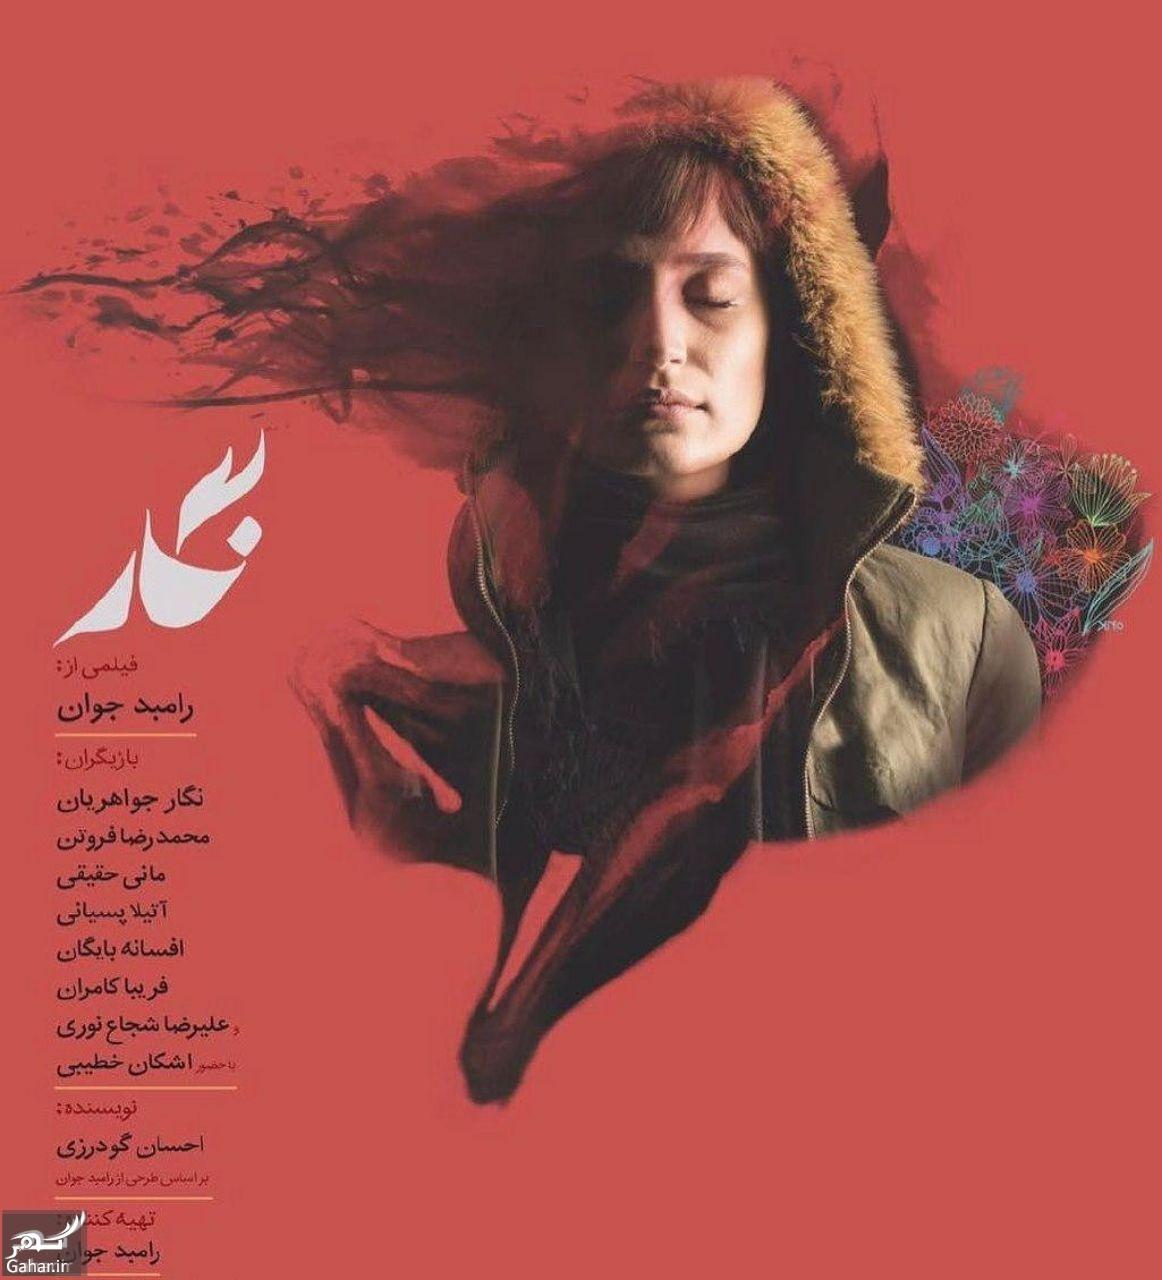 """رونمایی از پوستر فیلم """"نگار"""" به کارگردانی رامبد جوان+عکس, جدید 1400 -گهر"""